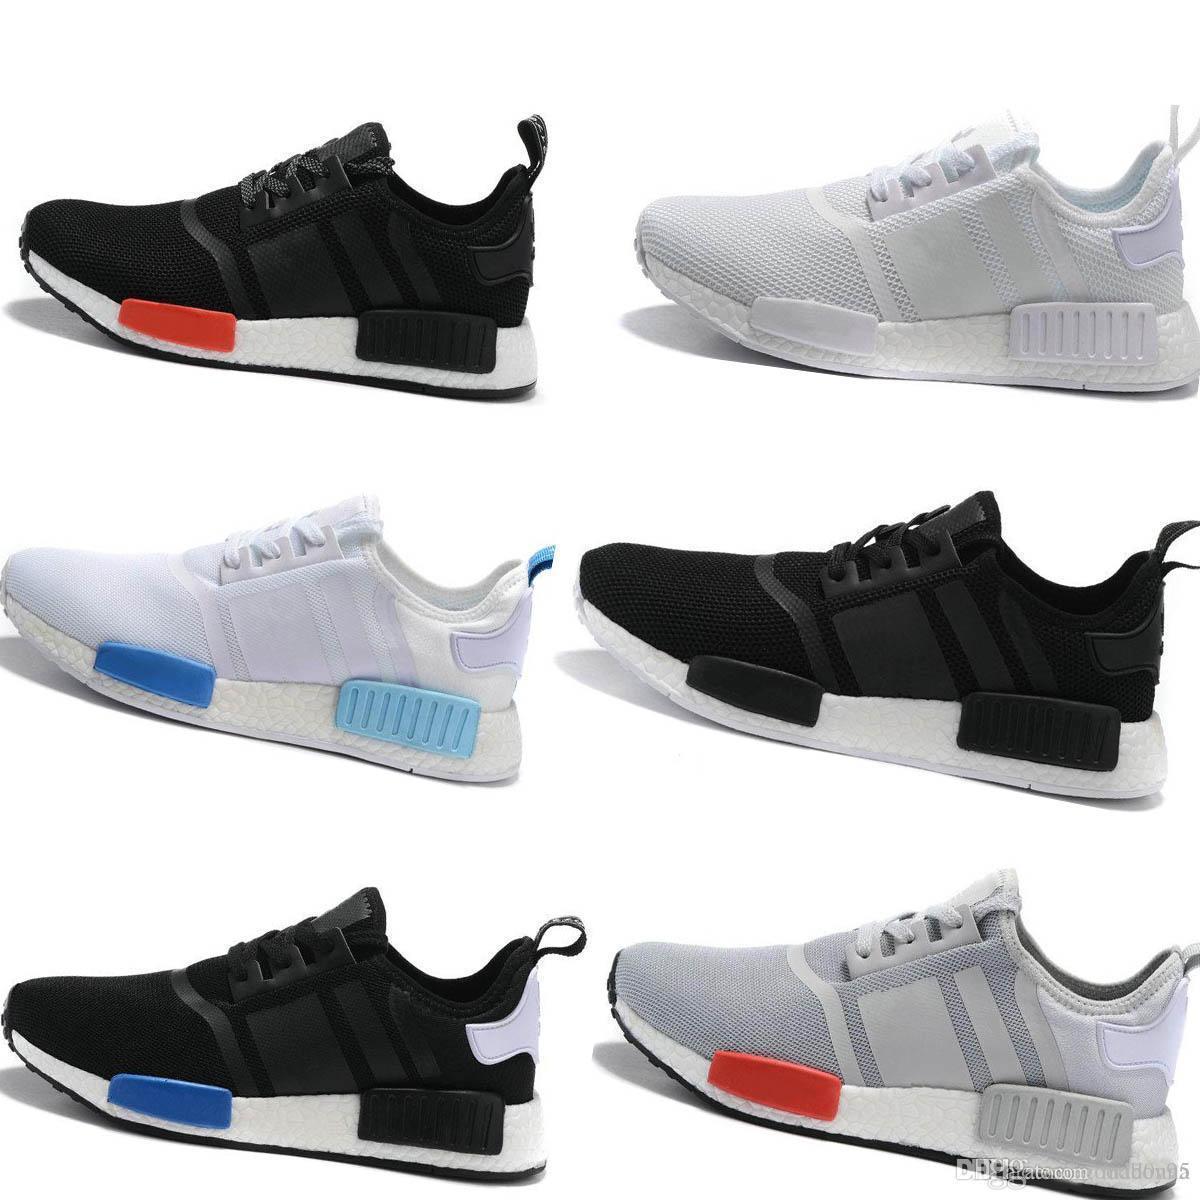 c3d539adaeb6cc Großhandel Heißer Verkauf 2018 NMD R1 Schuhe Mens OG Aus Japan ...